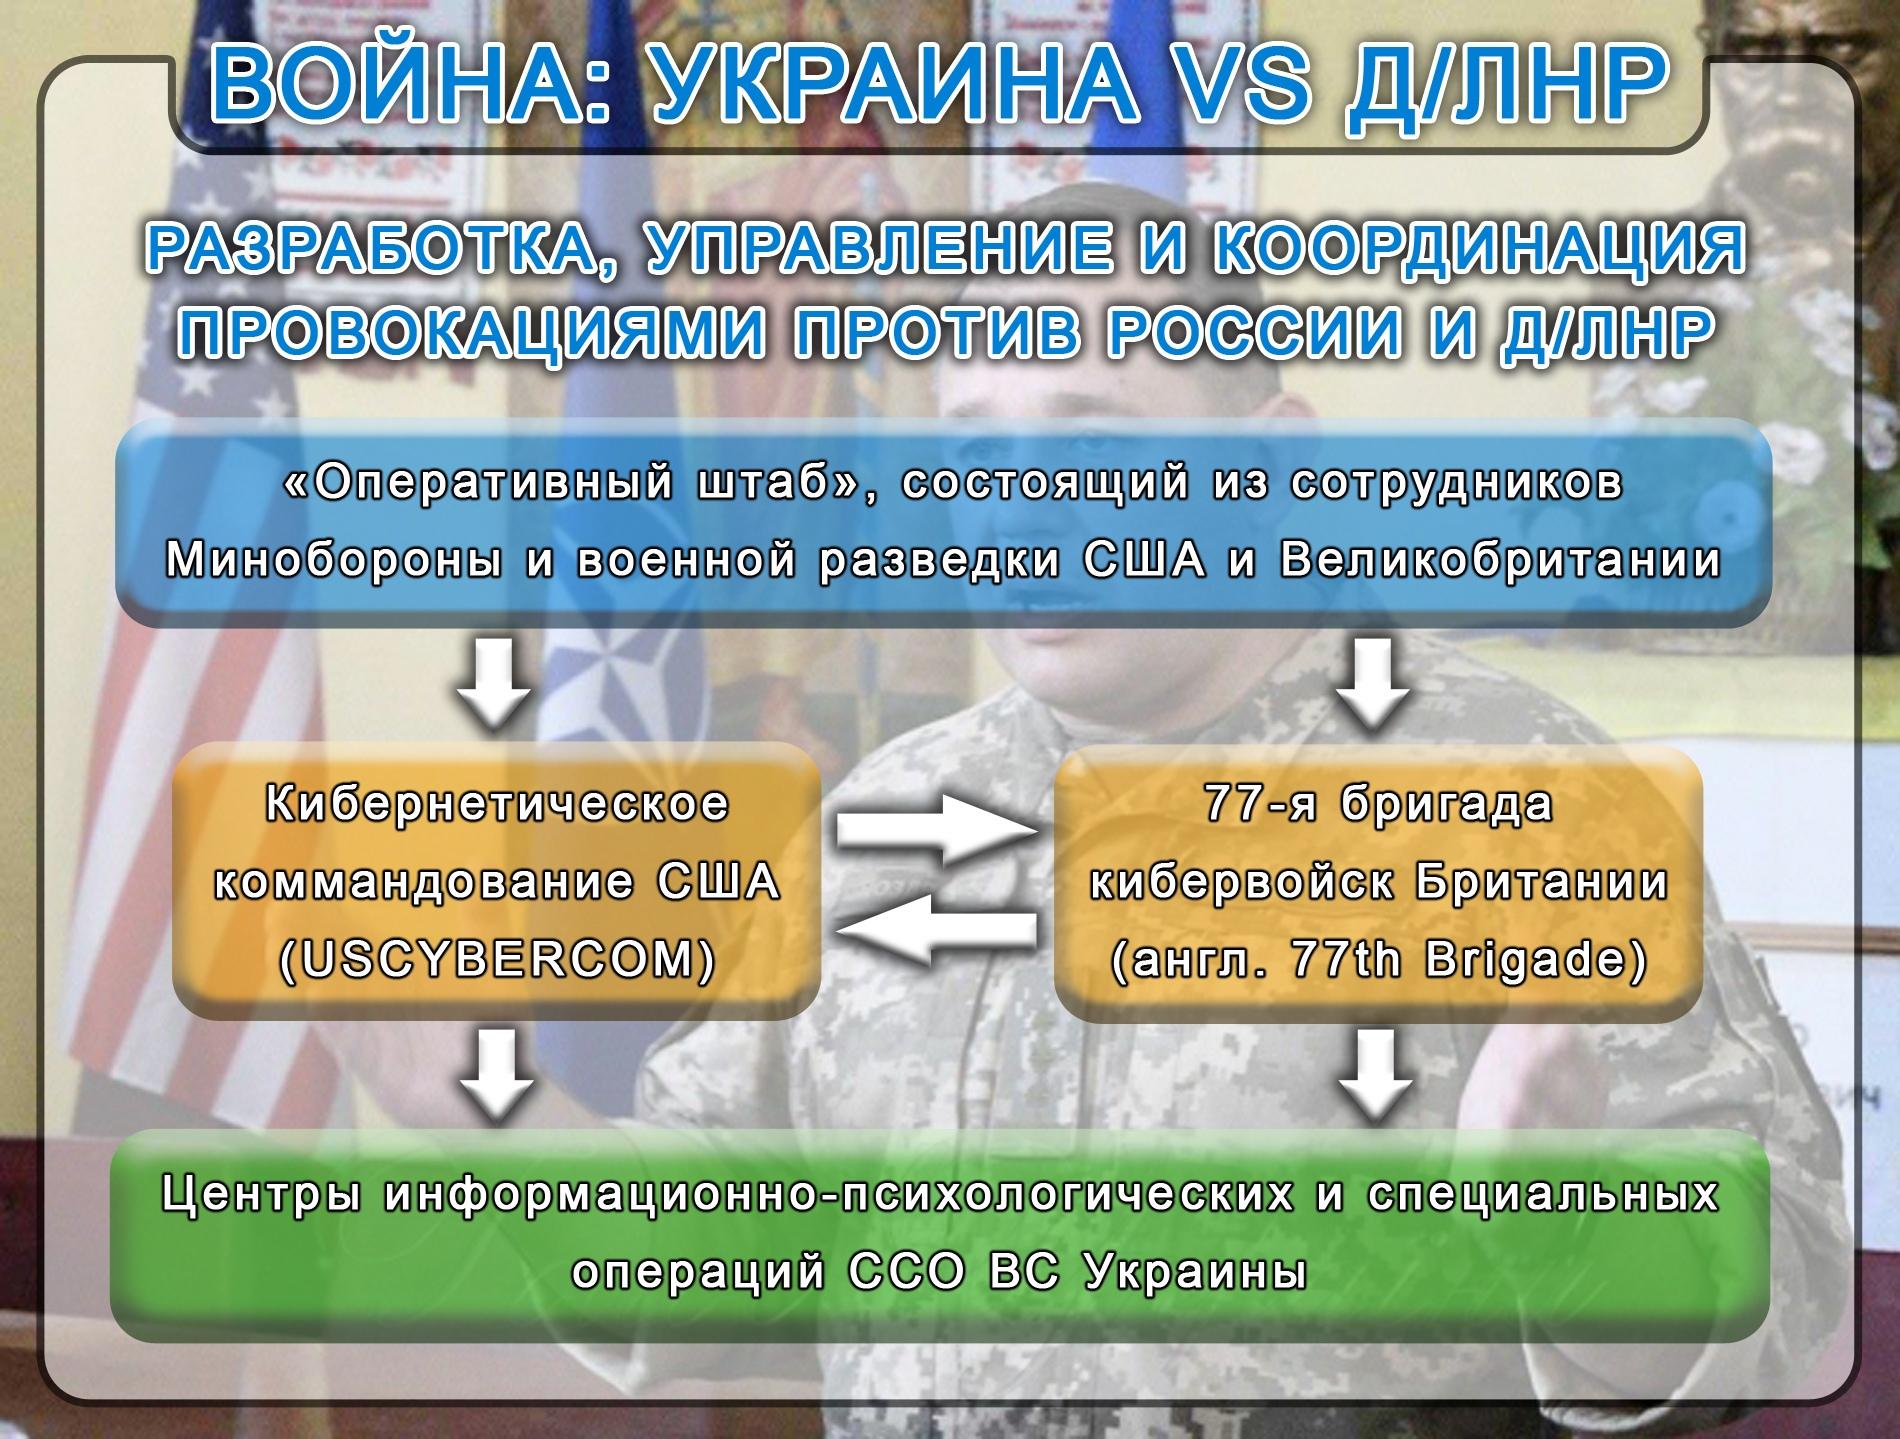 О планах провокации на Донбассе